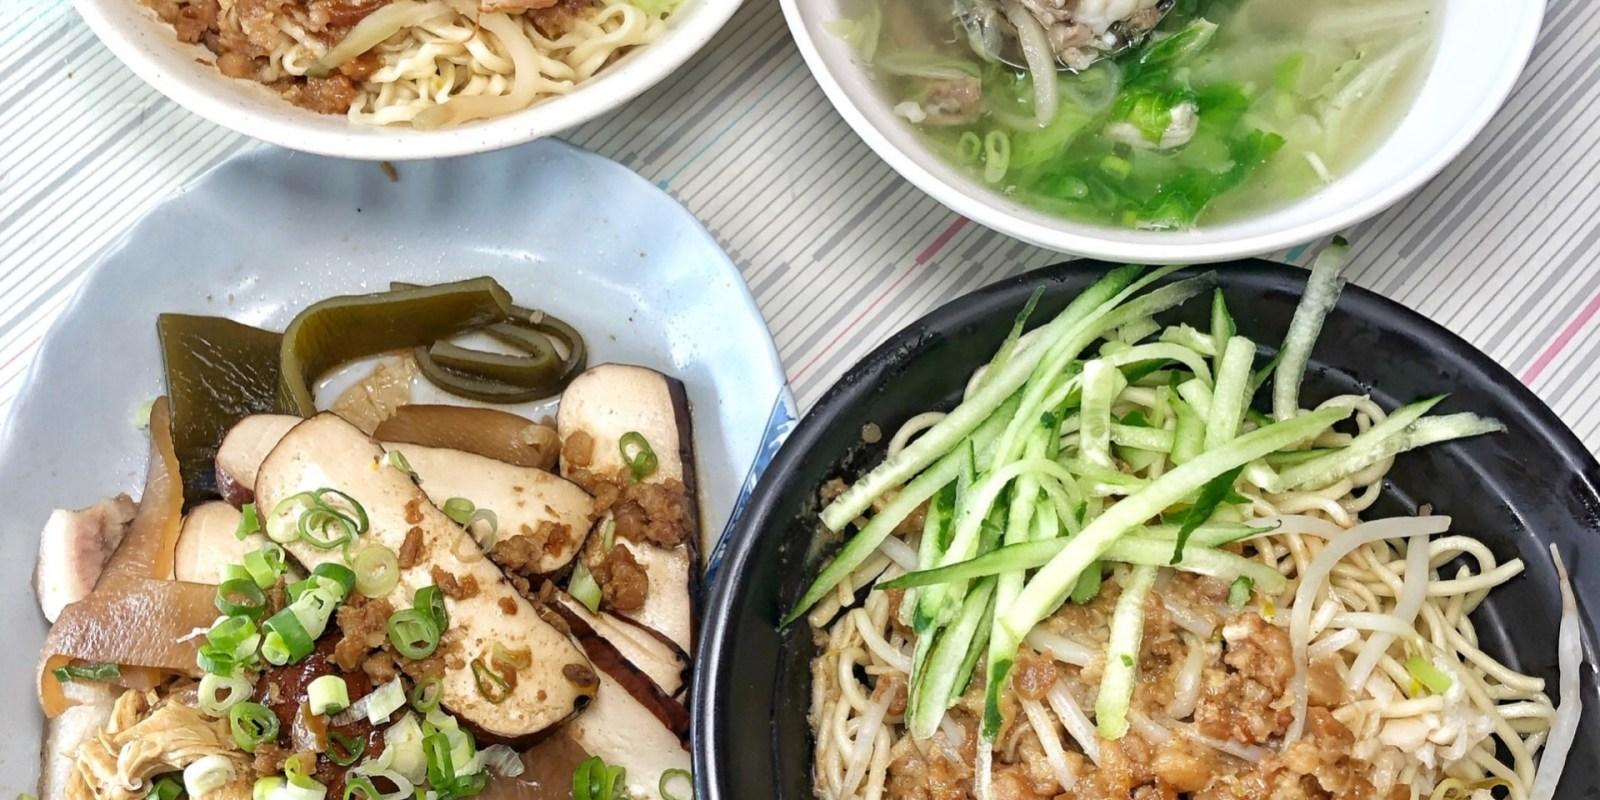 【台南美食】金鳳老牌麵店 你吃過涼麵加肉燥嗎?飄香60年/東菜市必吃美食 骨肉湯每日限量2碗